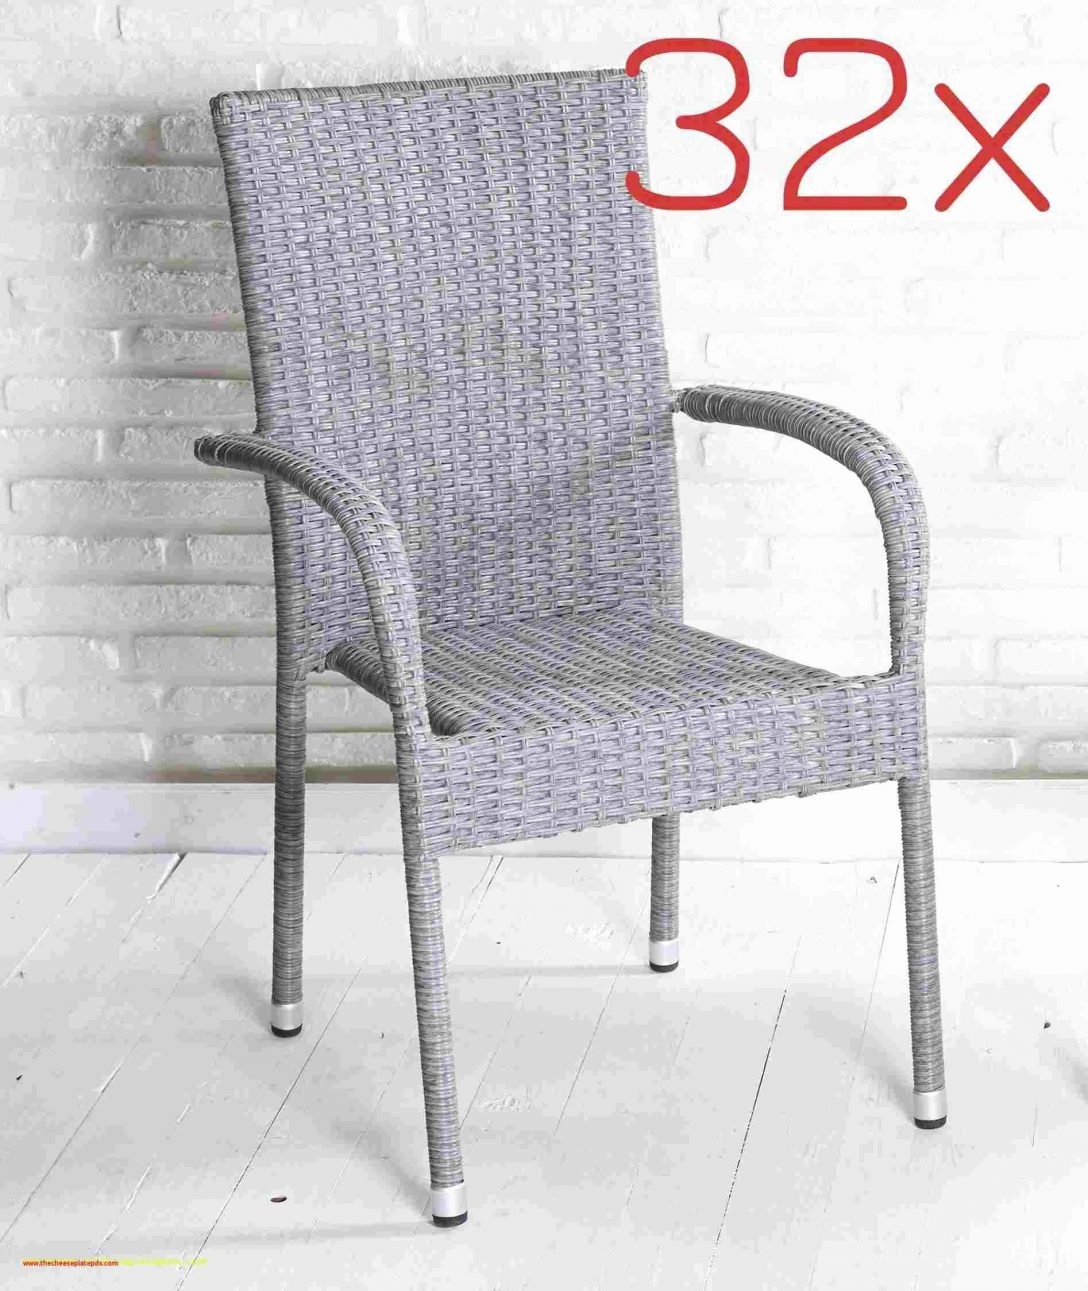 Large Size of Aldi Gartenliege Design 42 Zum Alu Relaxsessel Garten Wohnzimmer Aldi Gartenliege